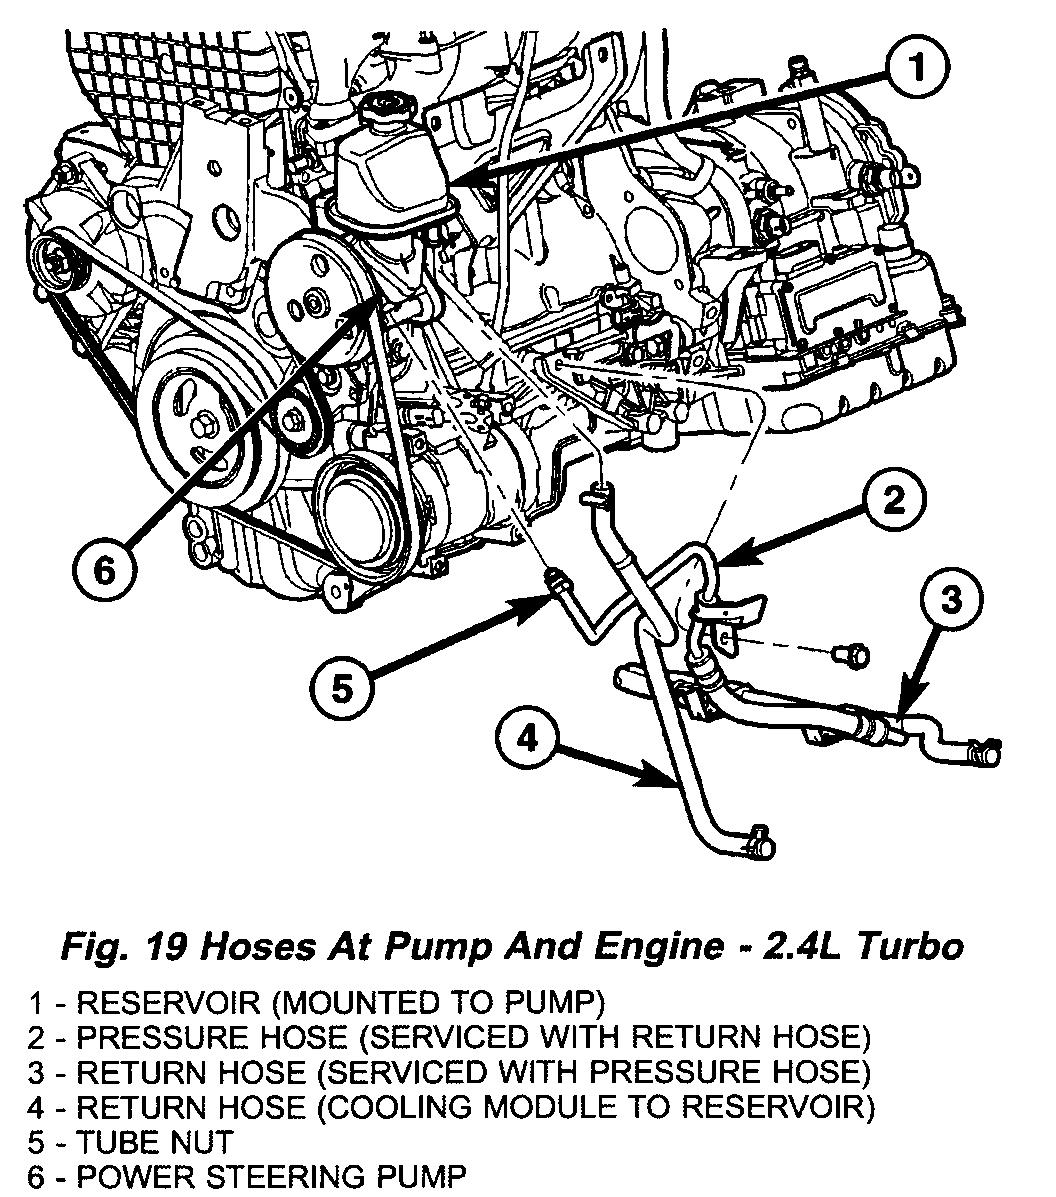 Power Steering Leak Power Steering Fluid Leaks Out Of The